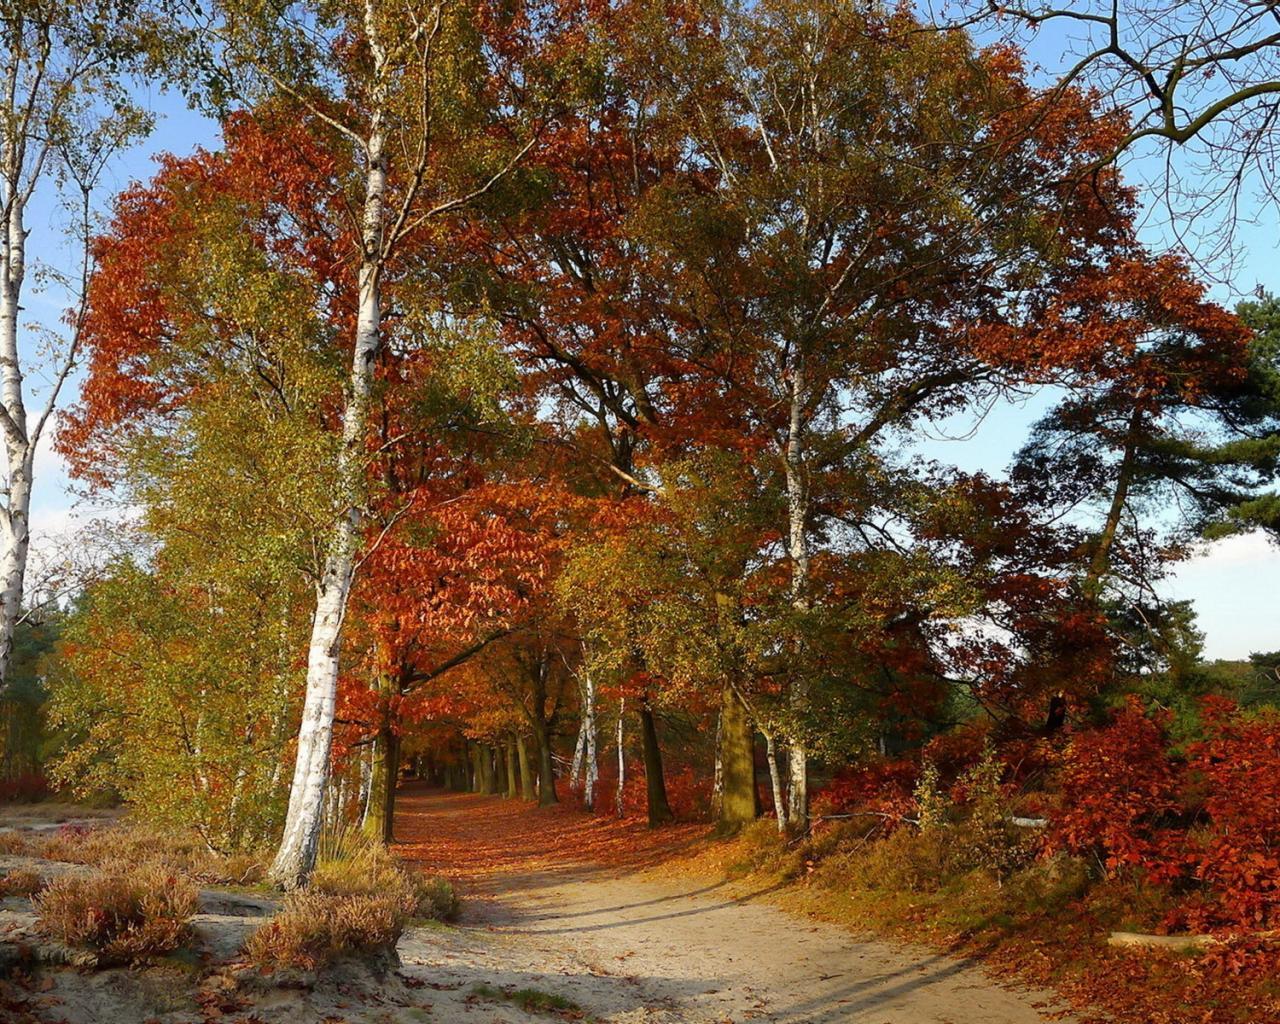 Осенний лес тропинка 1280x1024